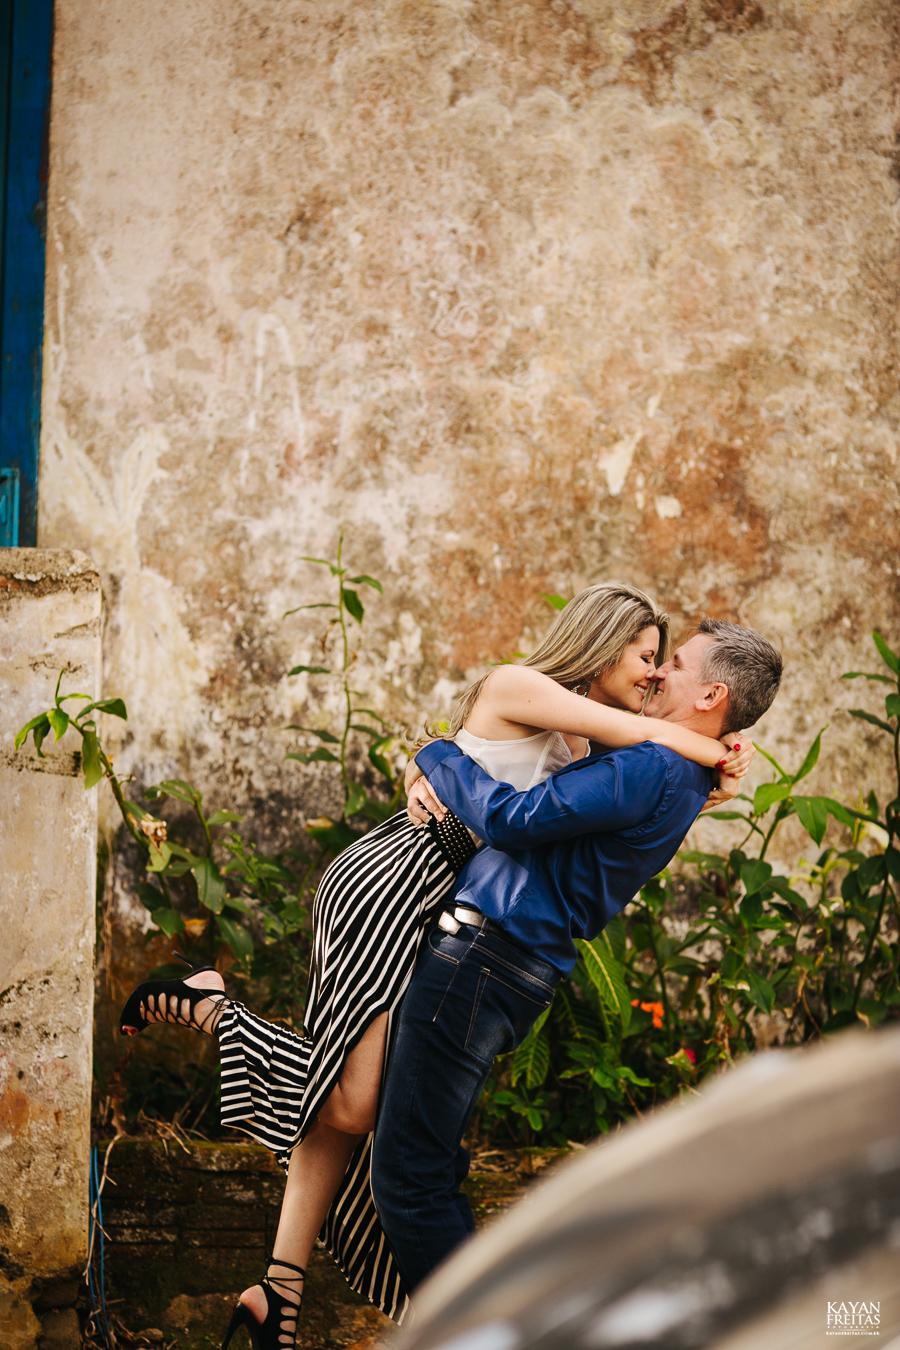 precaasmento-roberta-adriano-0016 Sessão Pré Casamento Roberta e Adriano - Florianópolis